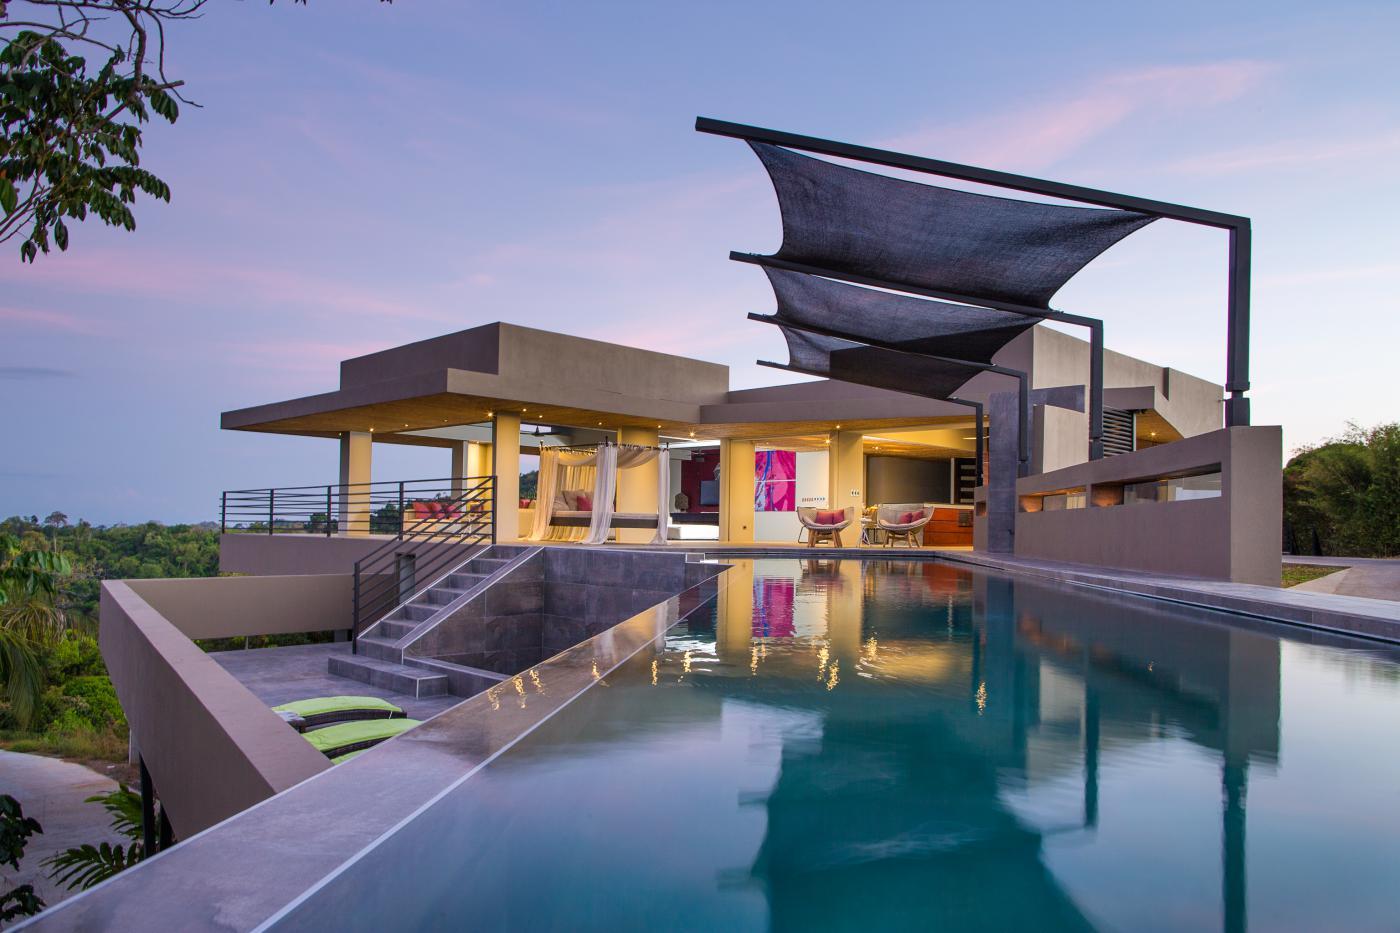 Casa Exquisita